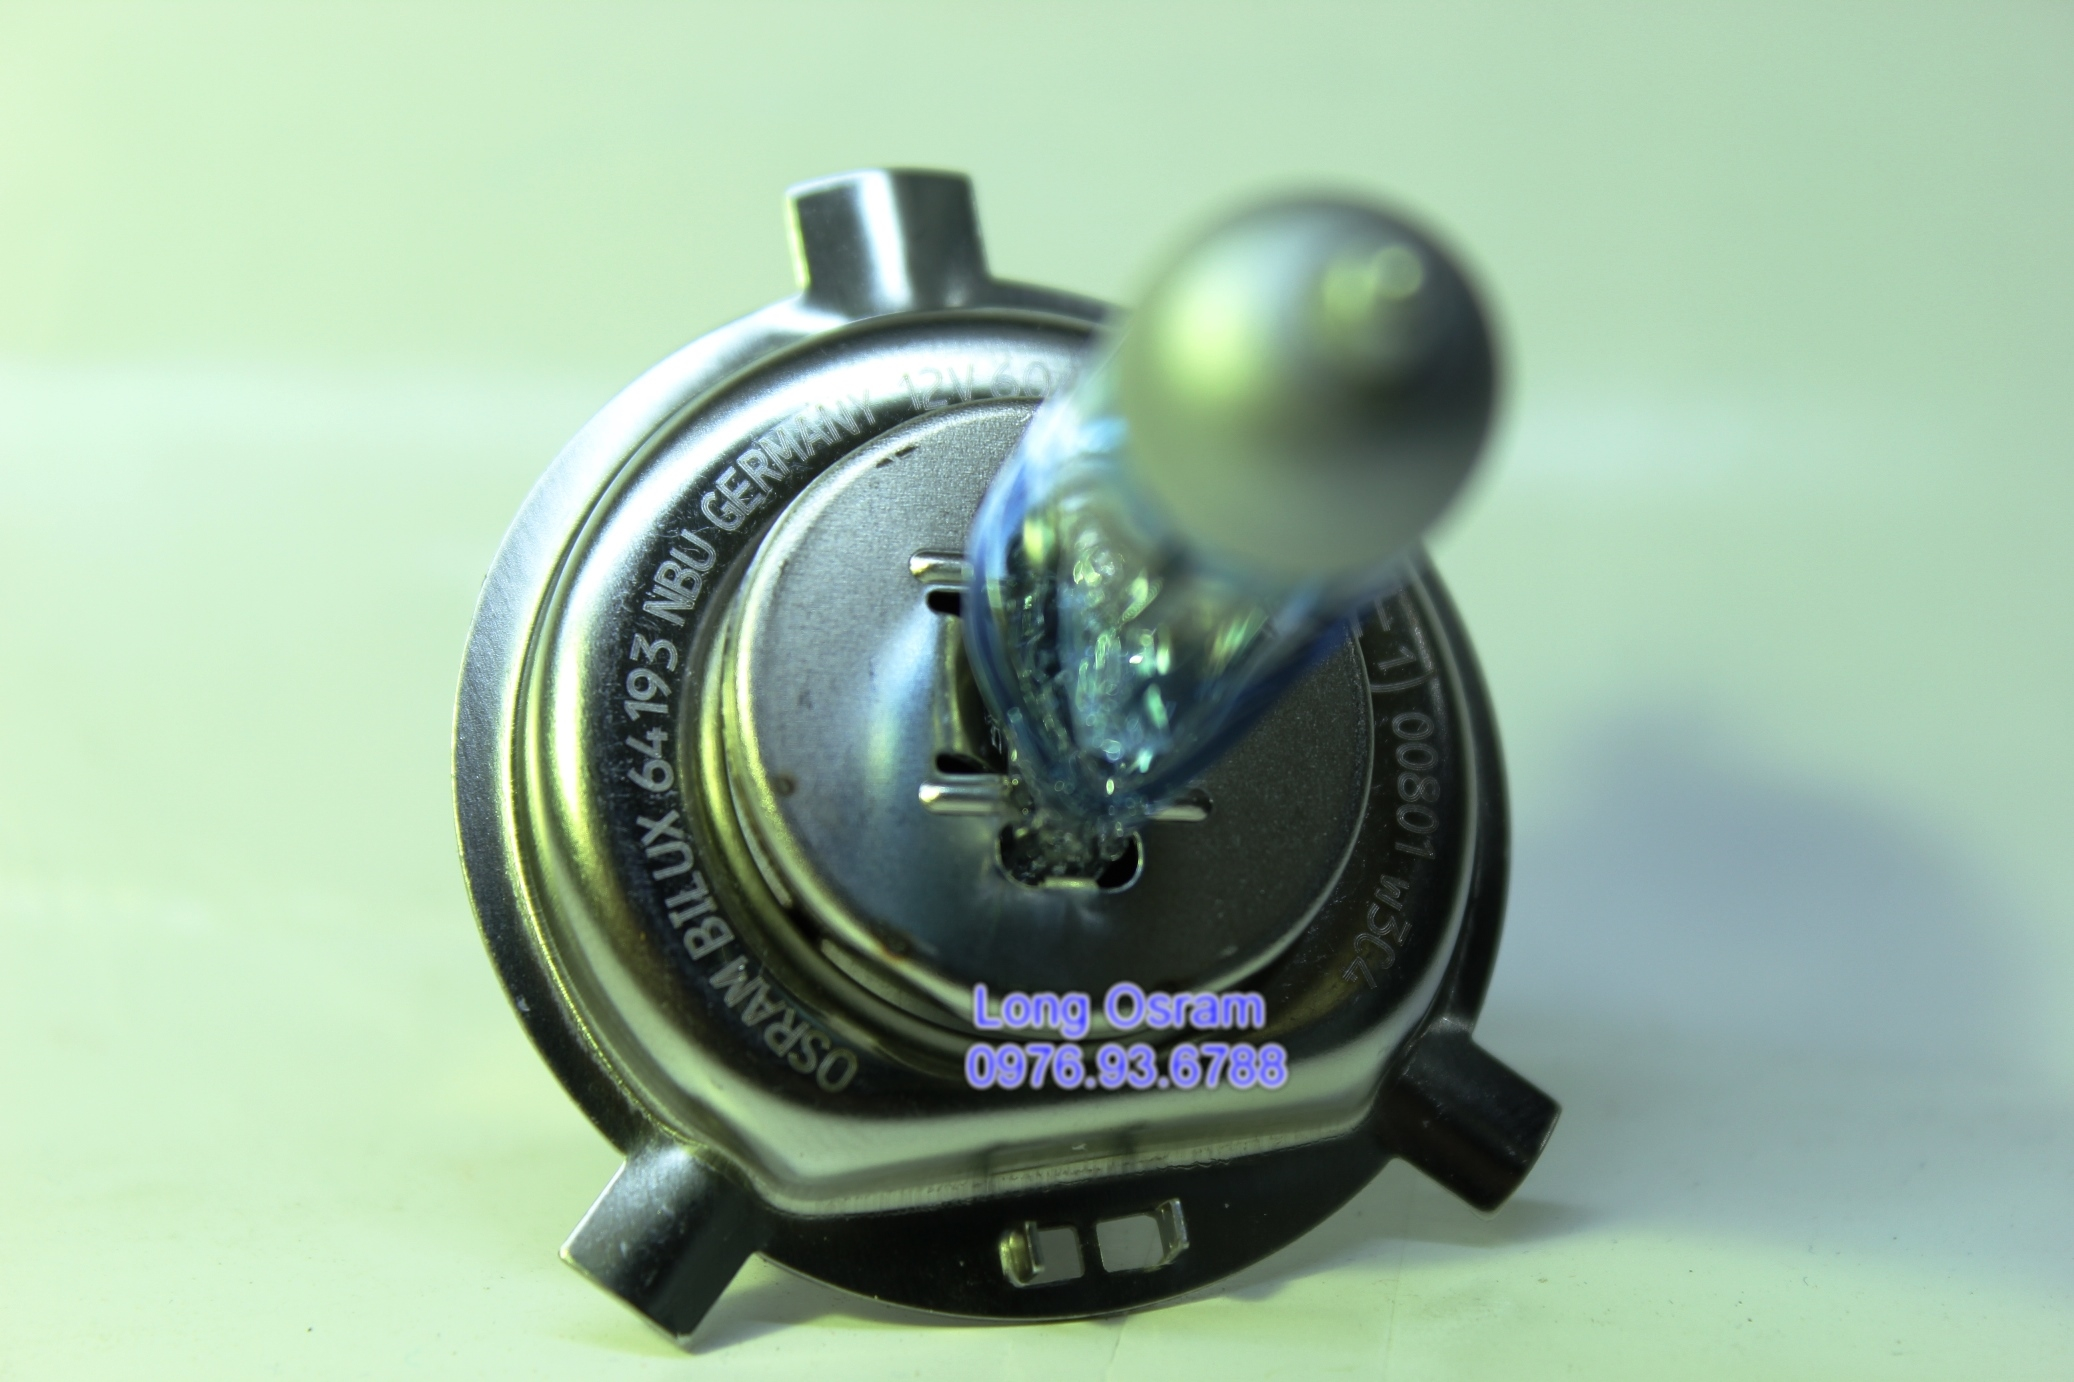 Osram Night Breaker, Philips Xtreme, Xenon Germany...ánh sáng cho xế yêu đây. - 8